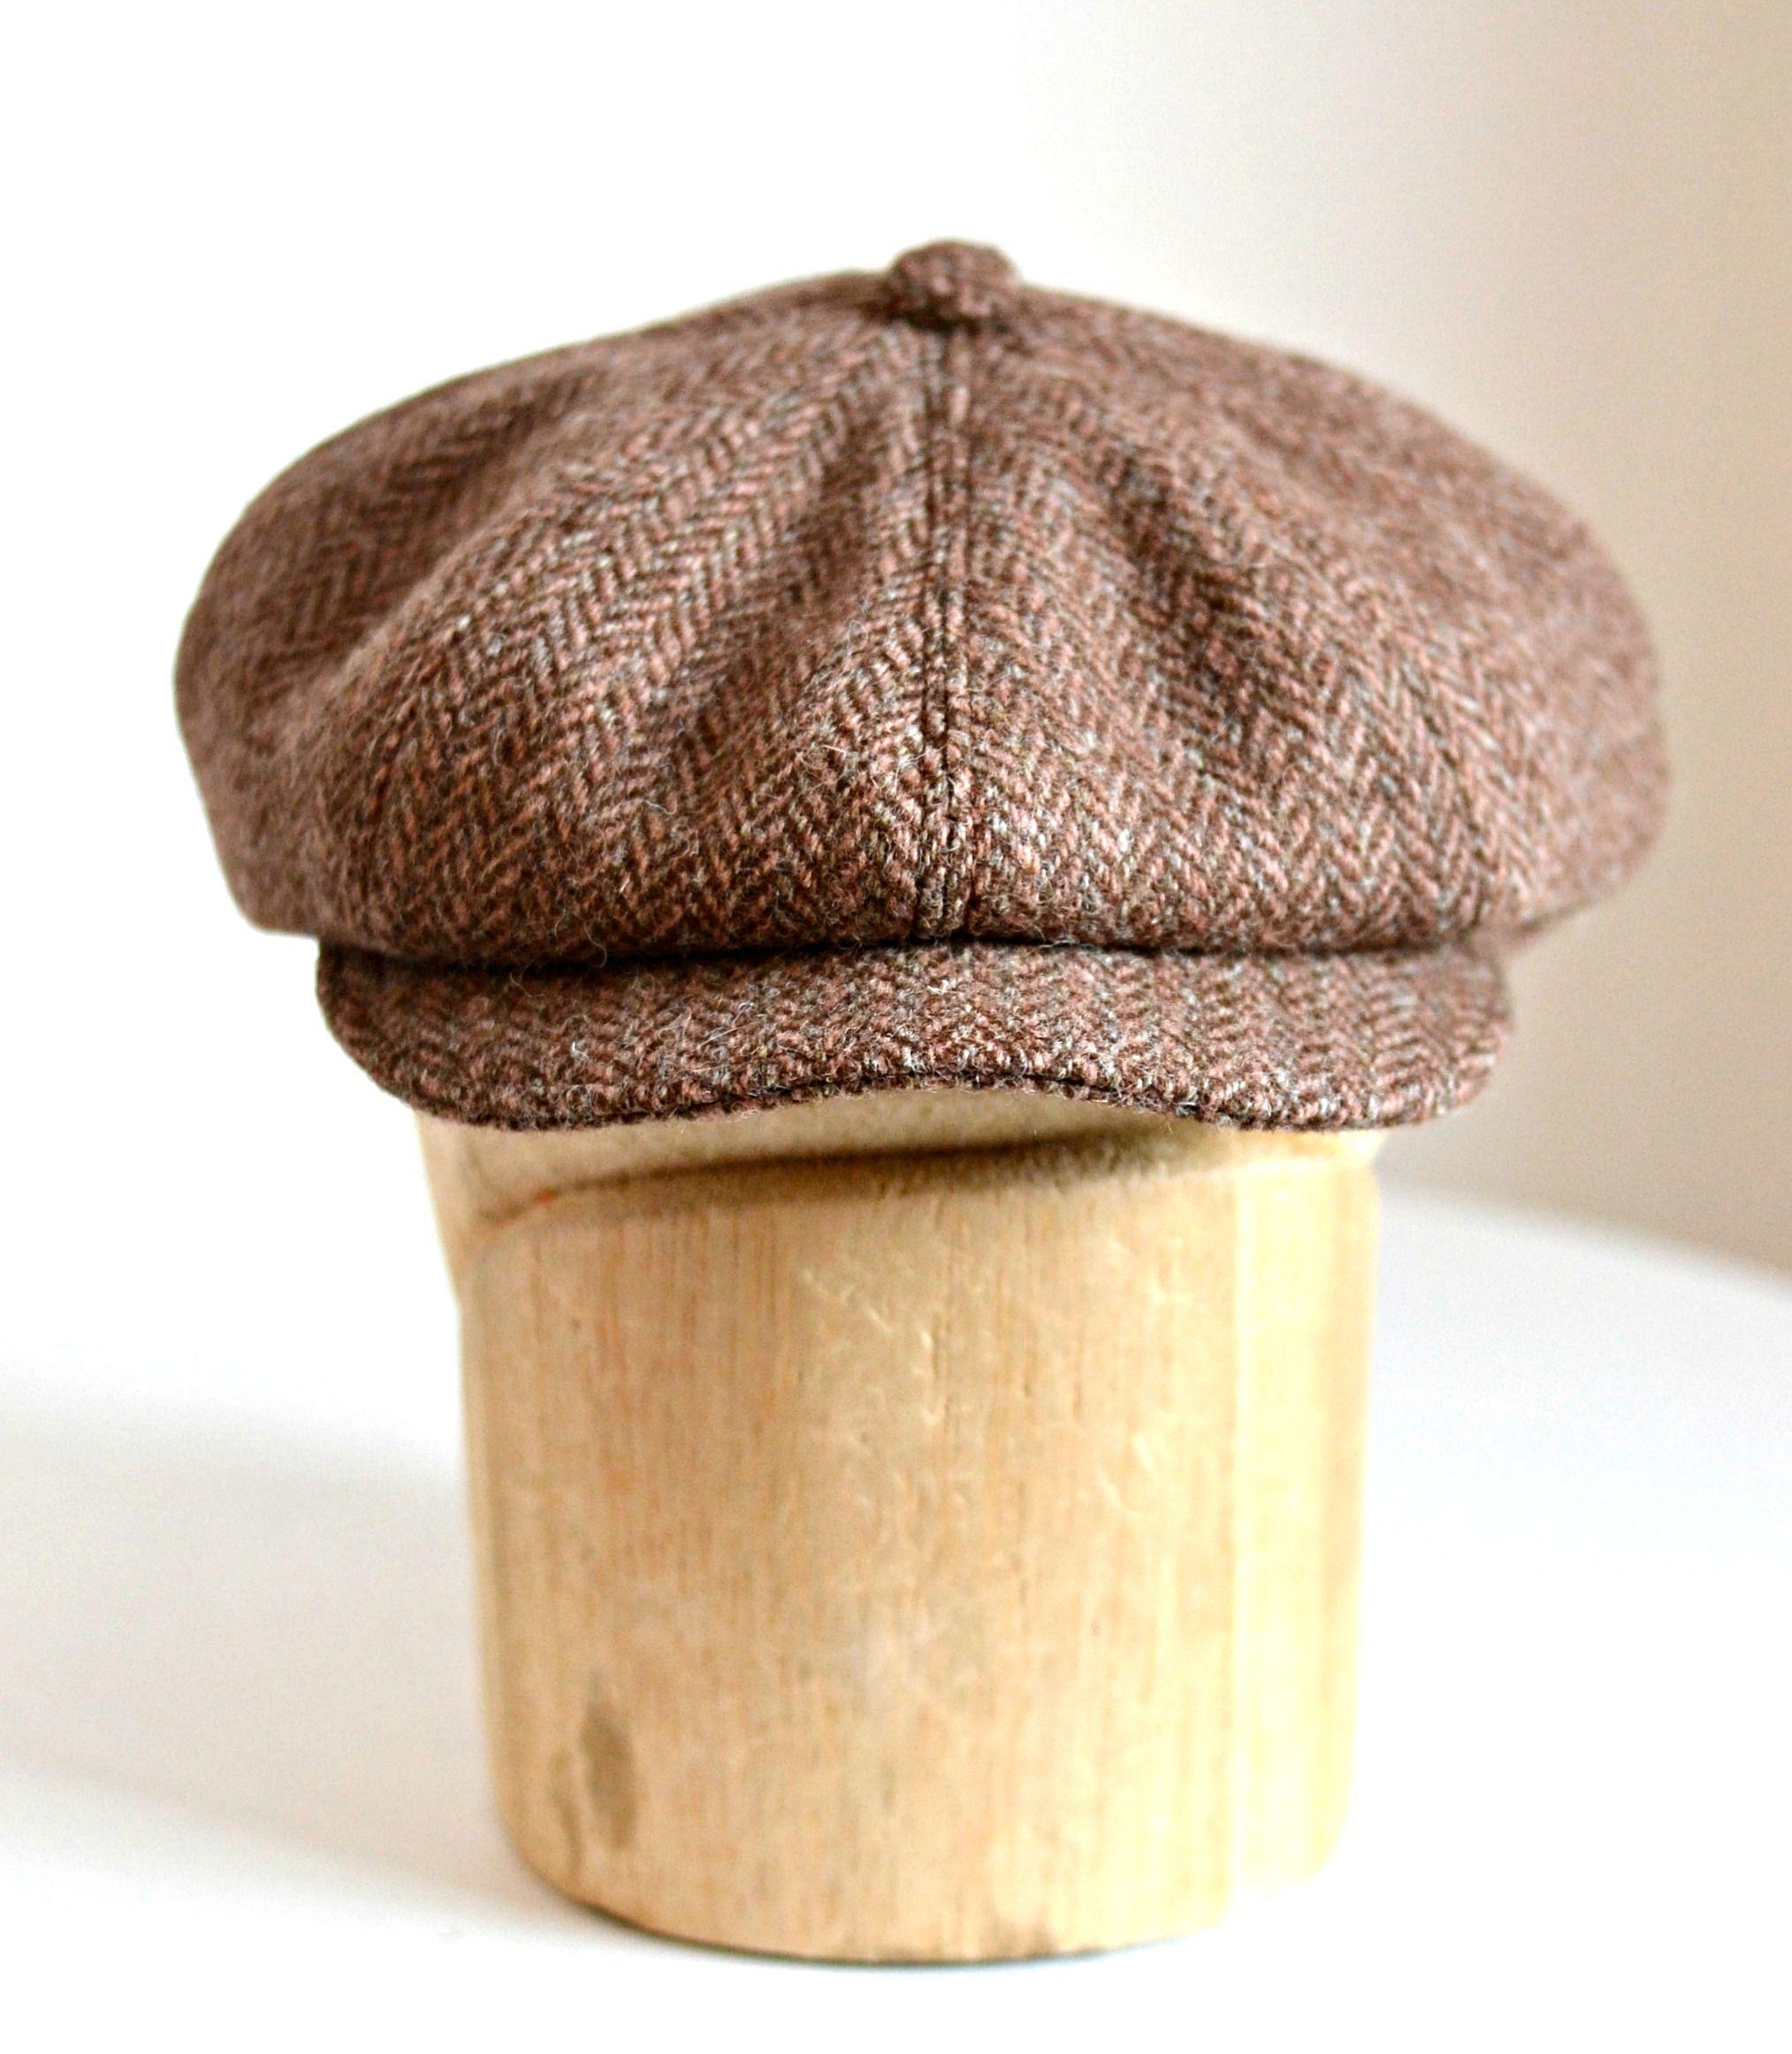 a75008135f7 Newsboy Cap in Vintage Harris Tweed - Herringbone Tweed Cap